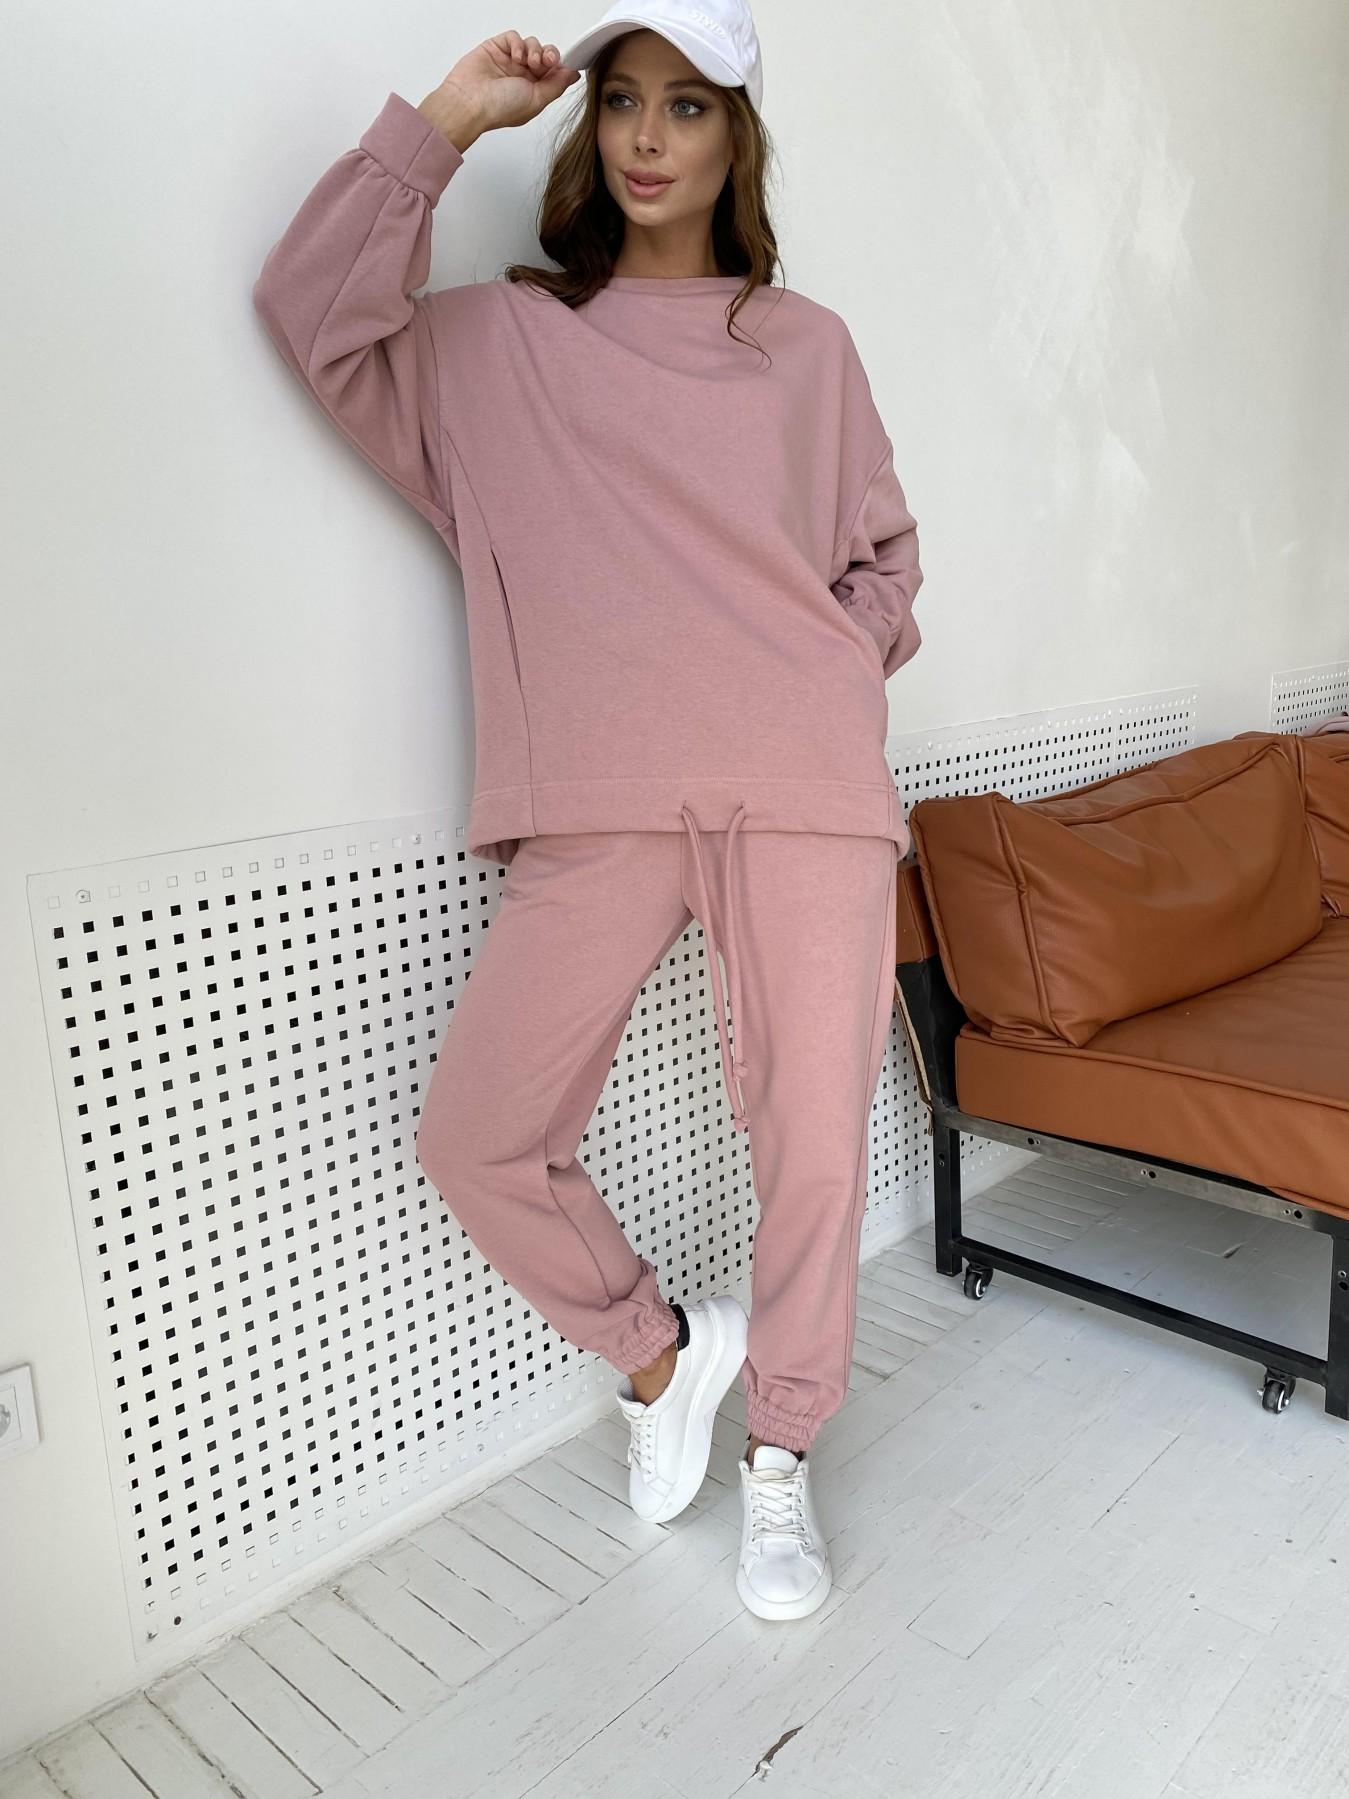 Фарт 2 костюм трикотаж трехнитка 11634 АРТ. 48344 Цвет: Пудра - фото 10, интернет магазин tm-modus.ru